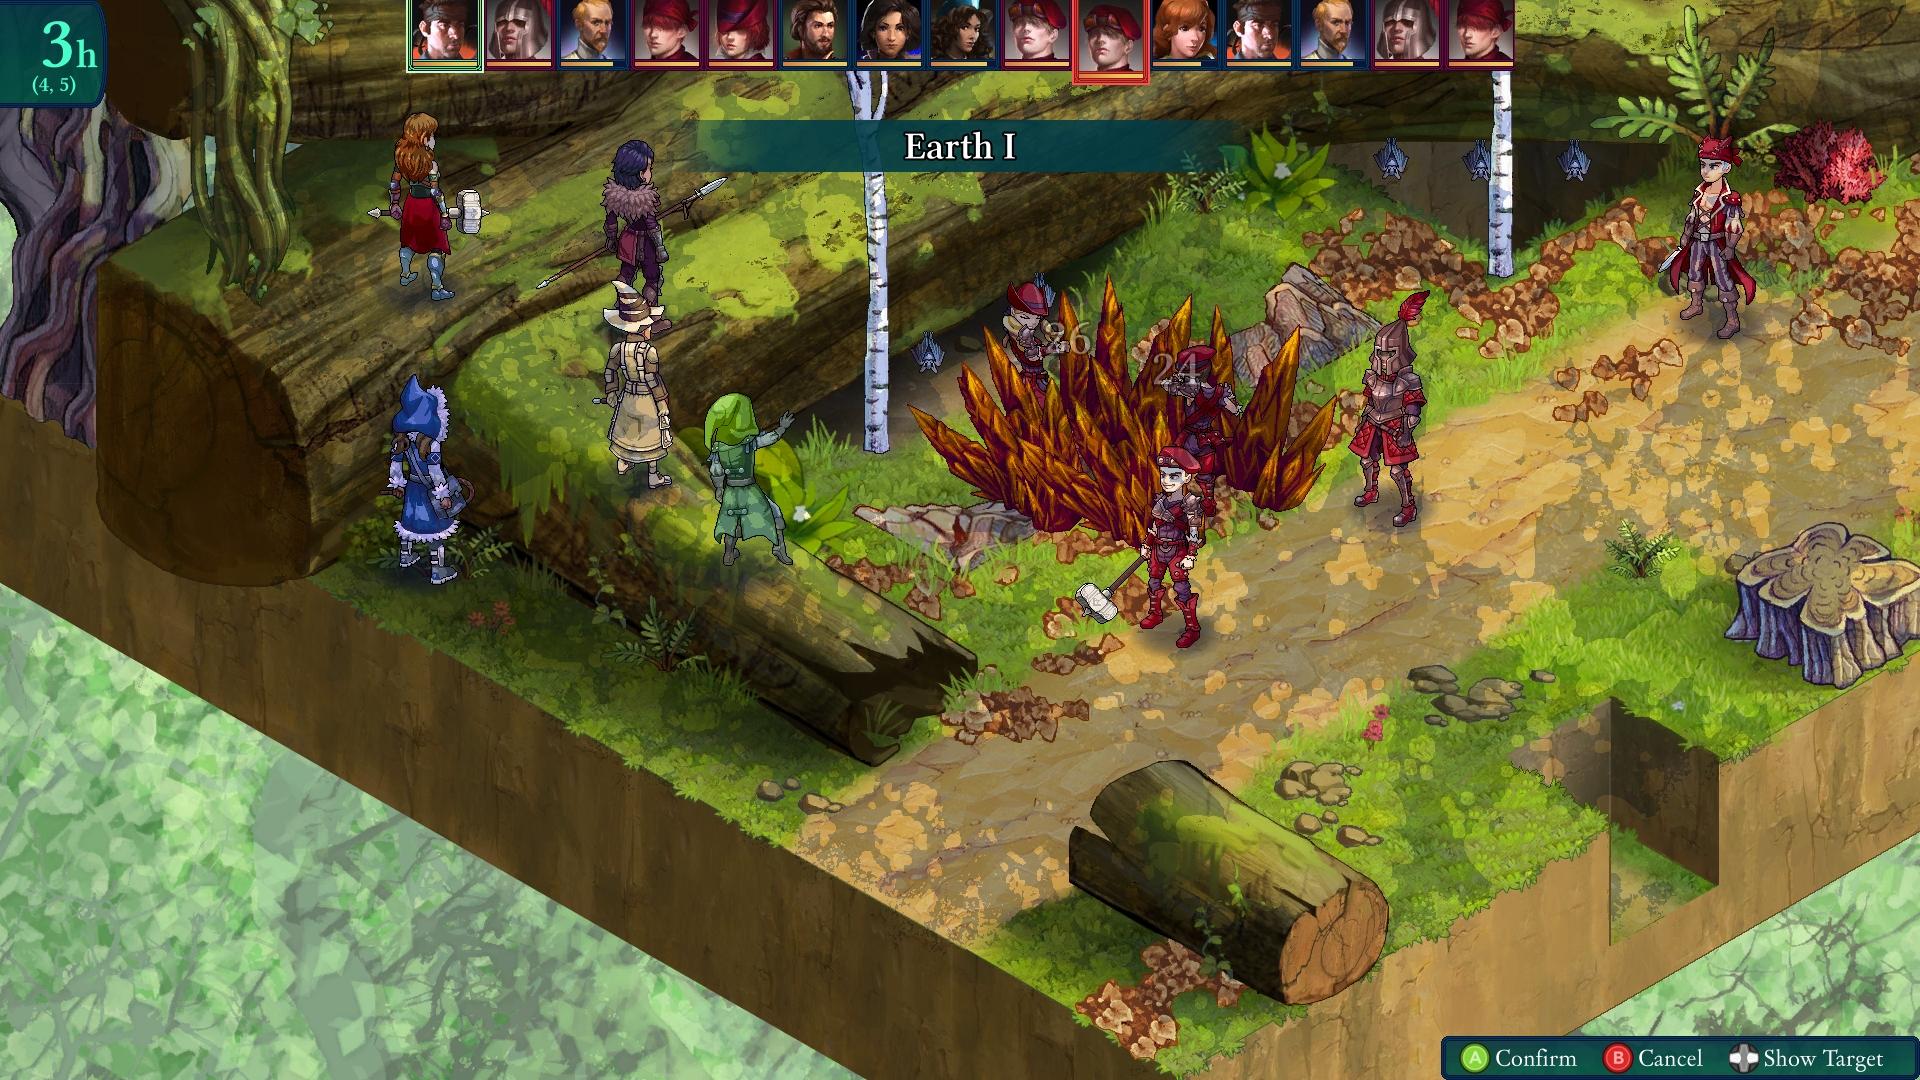 Скриншот к игре Fell Seal: Arbiter's Mark v.1.2.2 [GOG] (2019) скачать торрент Лицензия